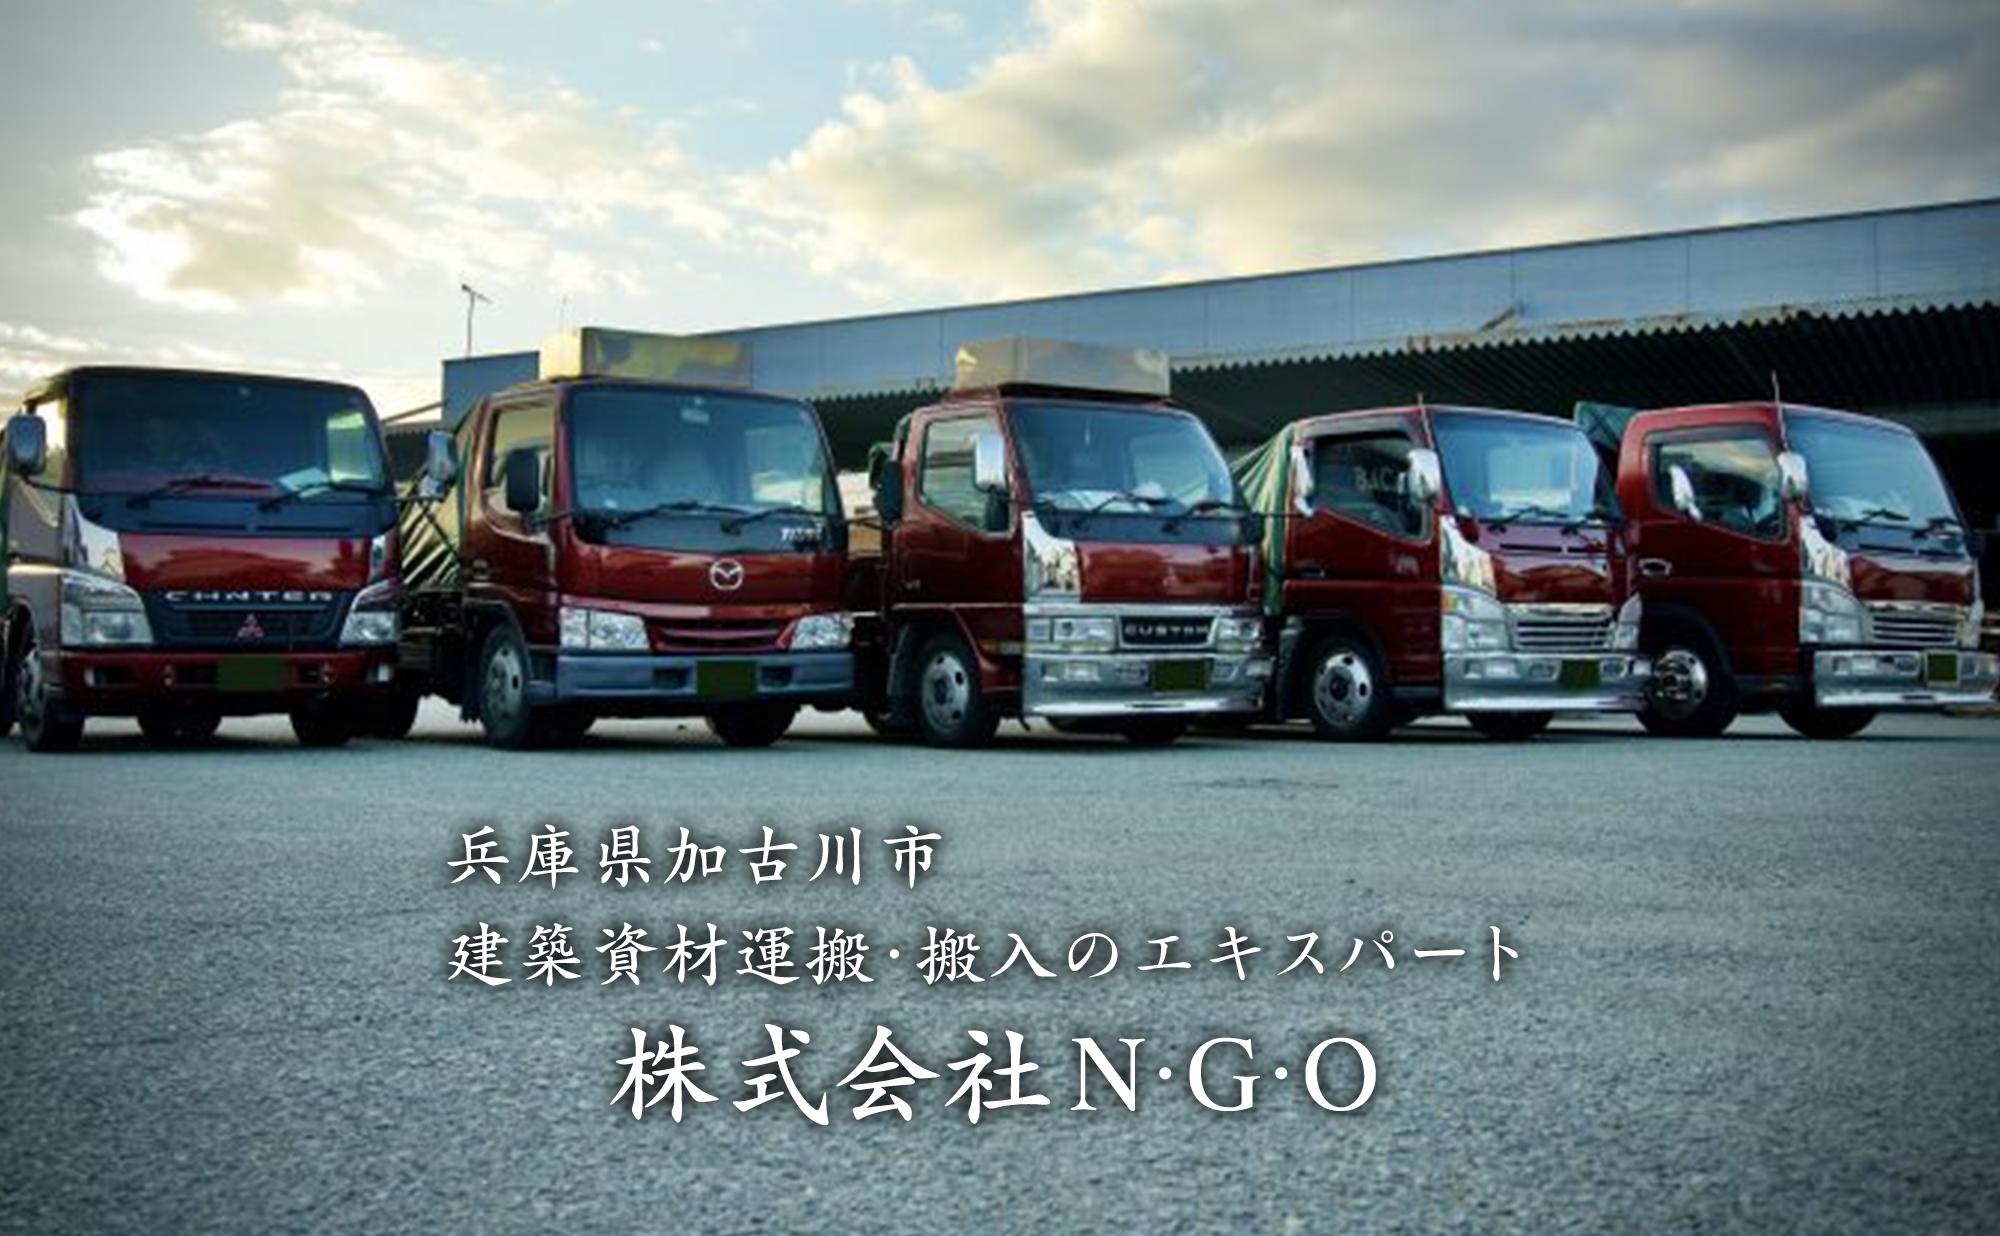 兵庫県加古川市 建築資材運搬・搬入のエキスパート 株式会社N・G・O